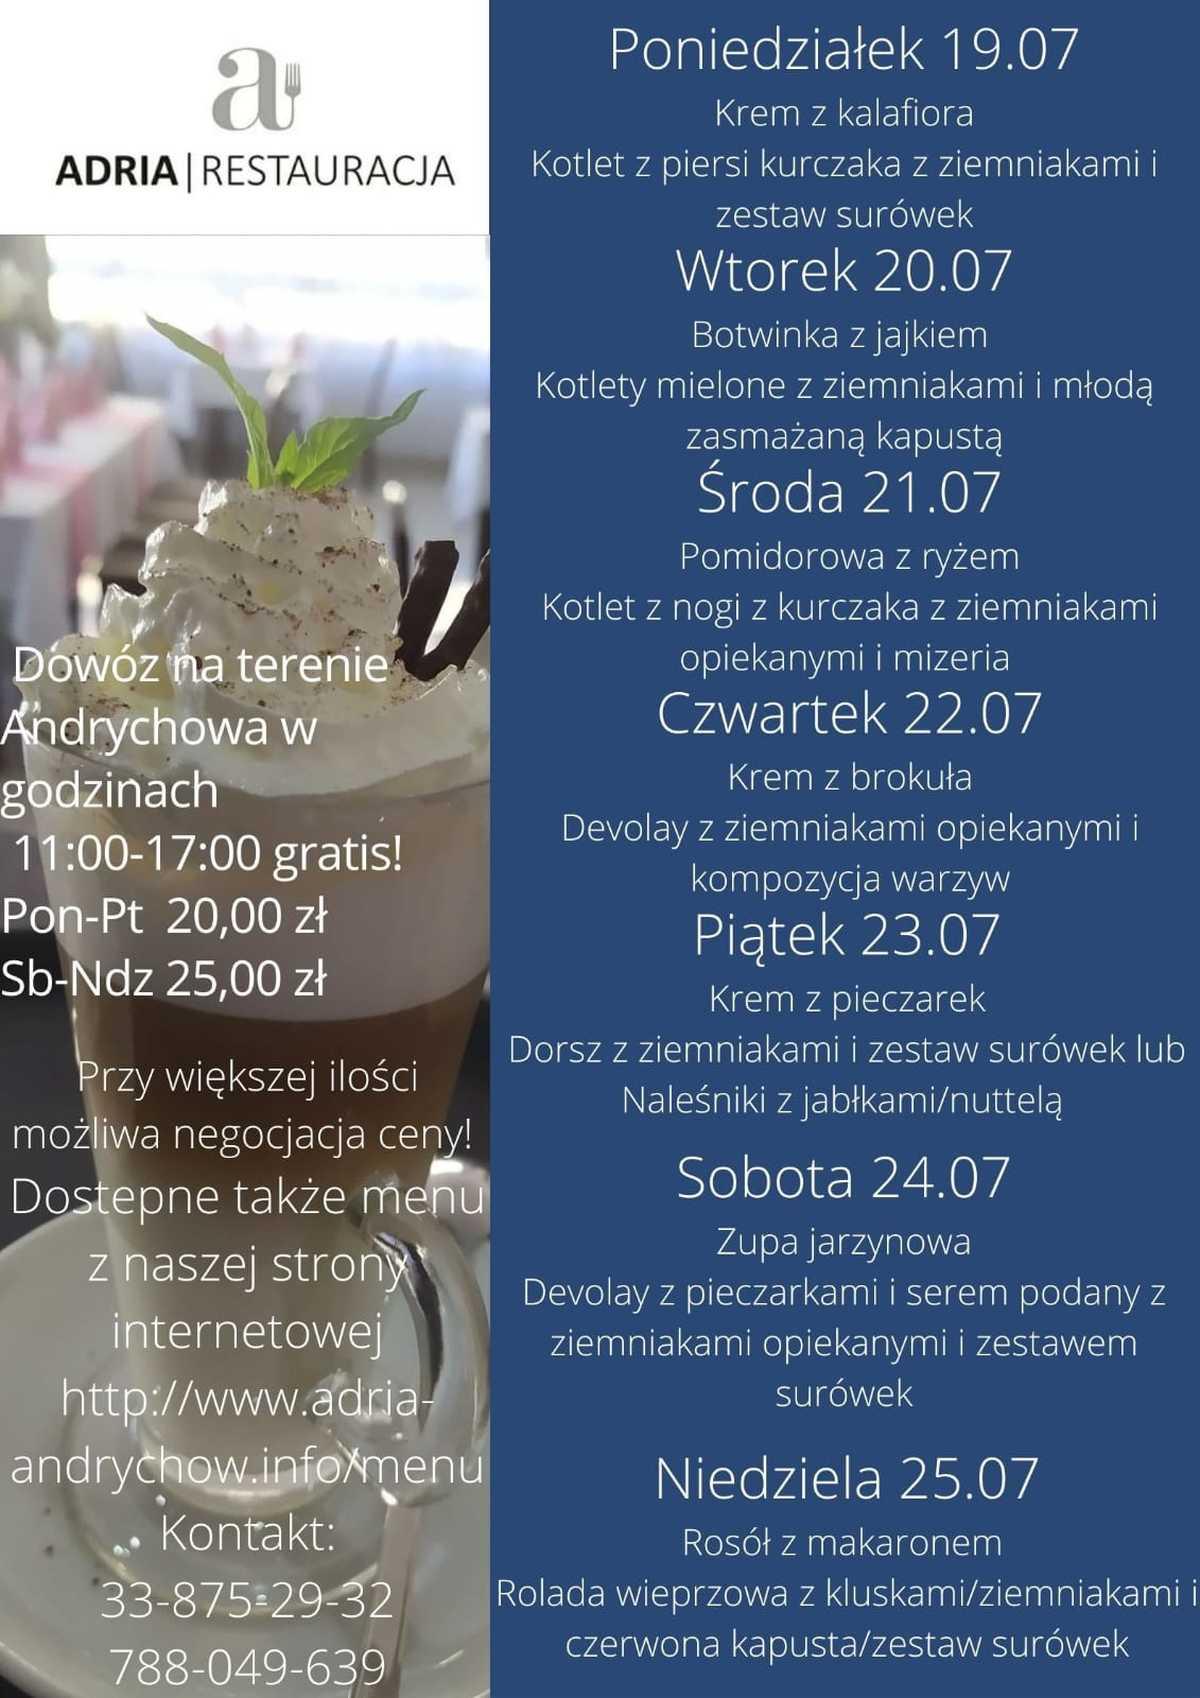 Tygodniowe menu w restauracji Adria